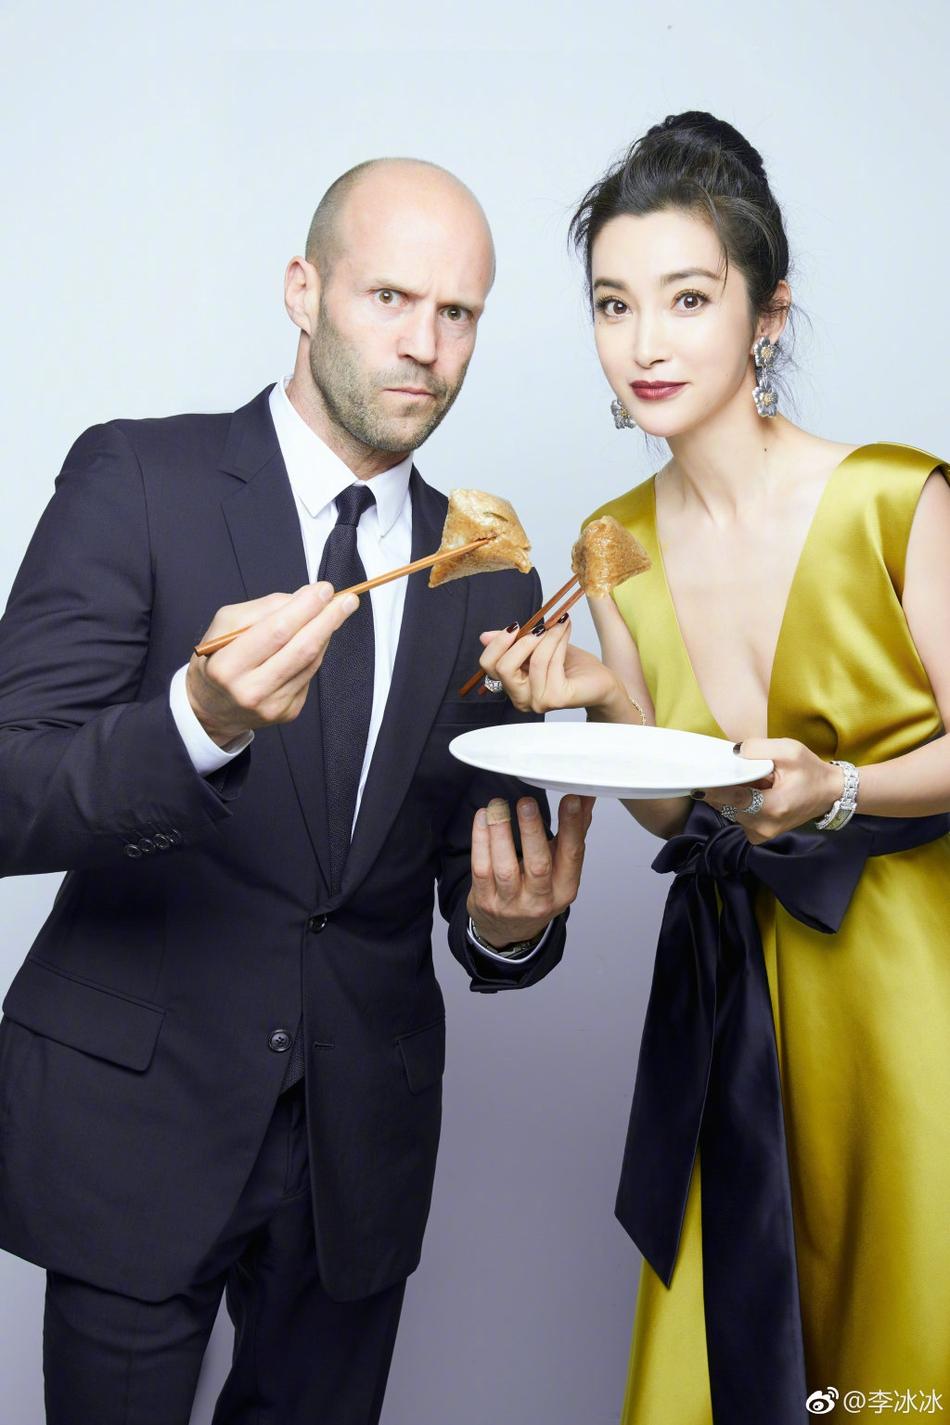 李冰冰与杰森斯坦森吃粽子合照 两人靠肩亲密十足